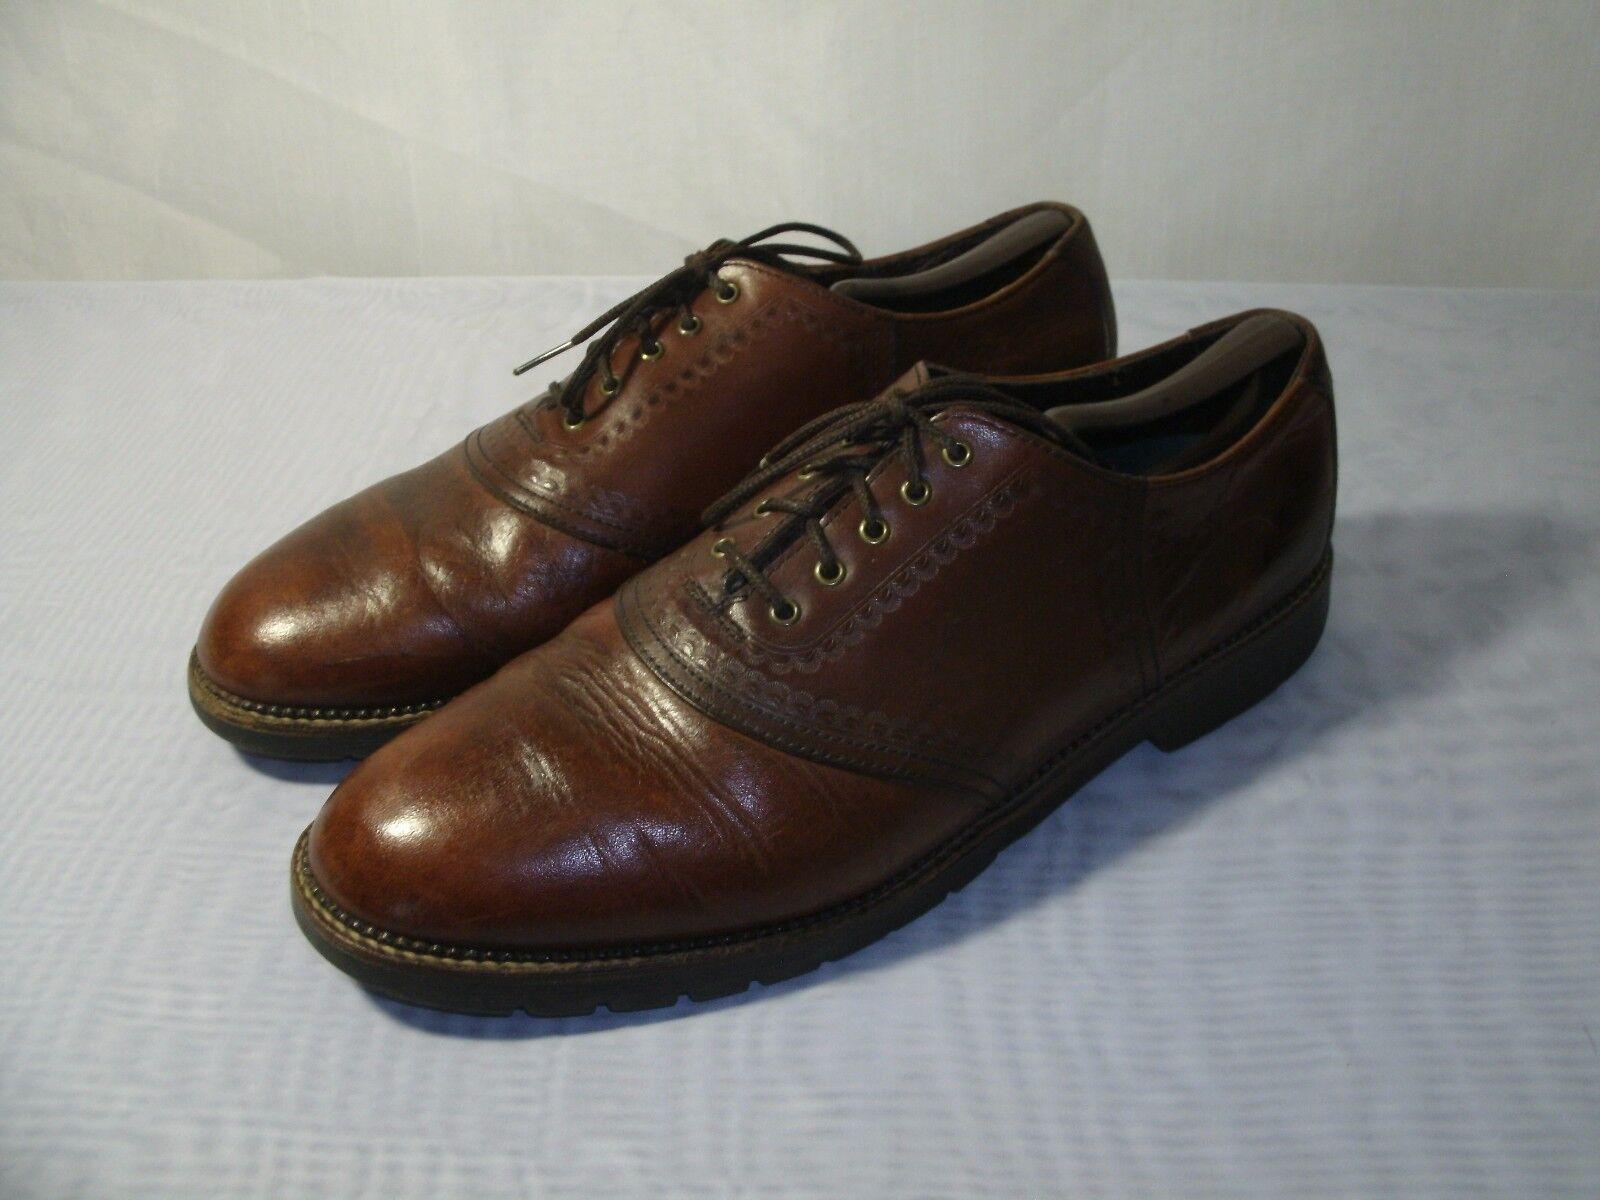 fabbrica diretta H.S. TRASK TRASK TRASK Marrone LEATHER OXFORD DRESS FORMAL scarpe   Dimensione US 12   EUR 46 uomo  le migliori marche vendono a buon mercato